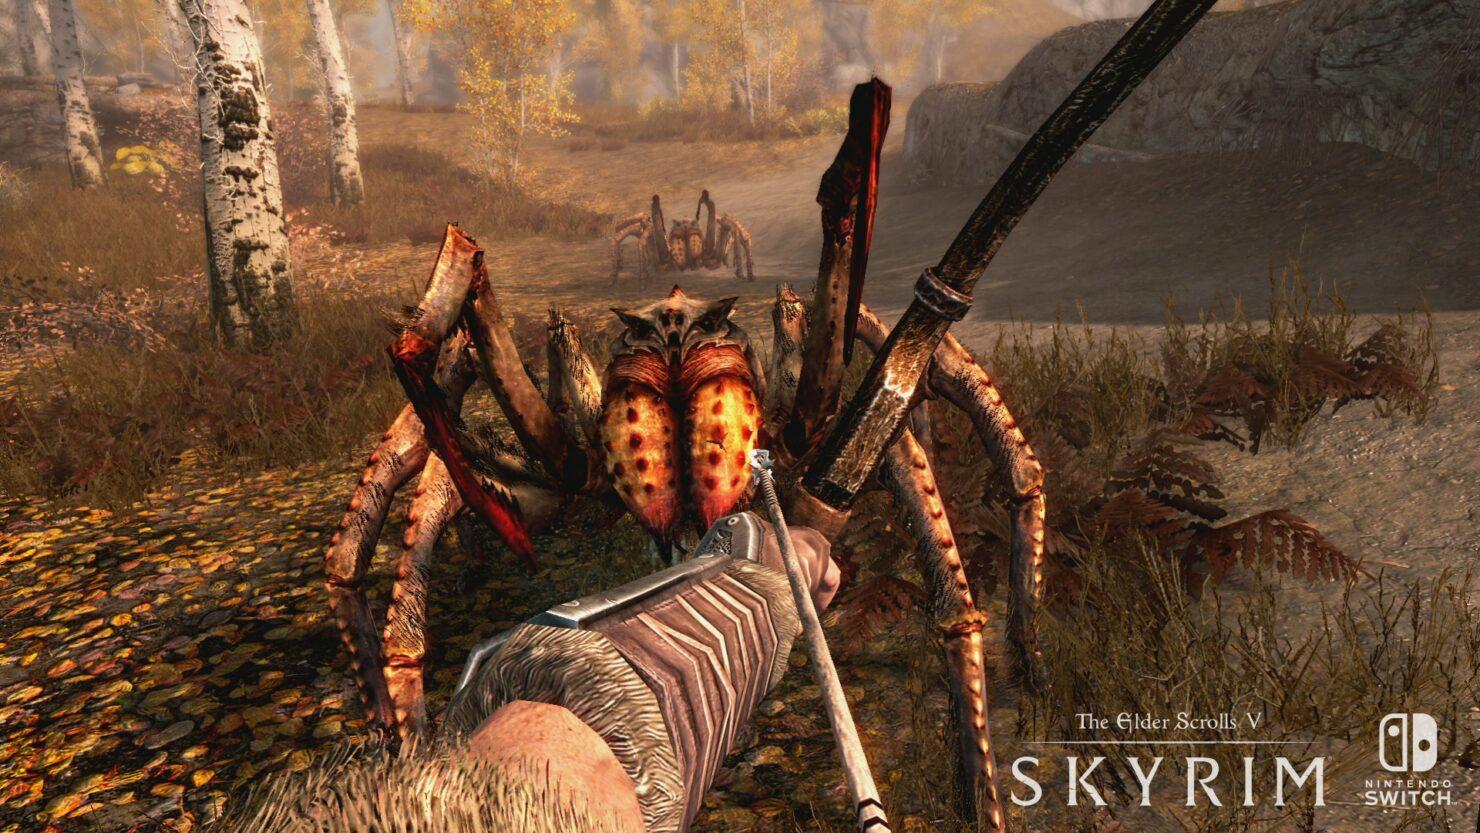 skyrim-switch-6